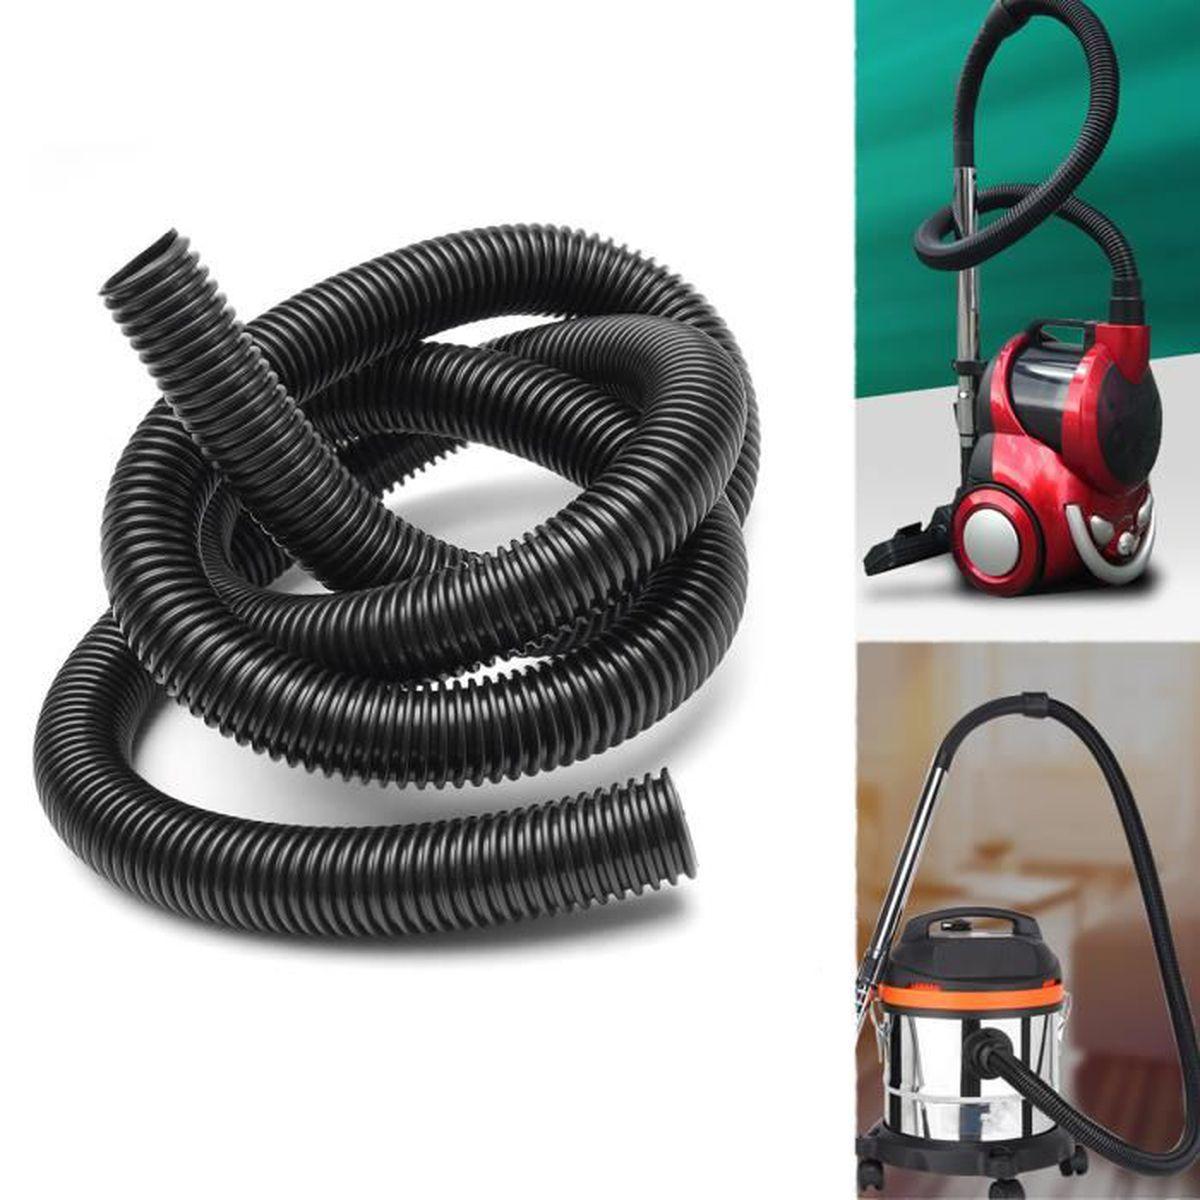 tuyau aspirateur flexible achat vente tuyau aspirateur flexible pas cher cdiscount. Black Bedroom Furniture Sets. Home Design Ideas